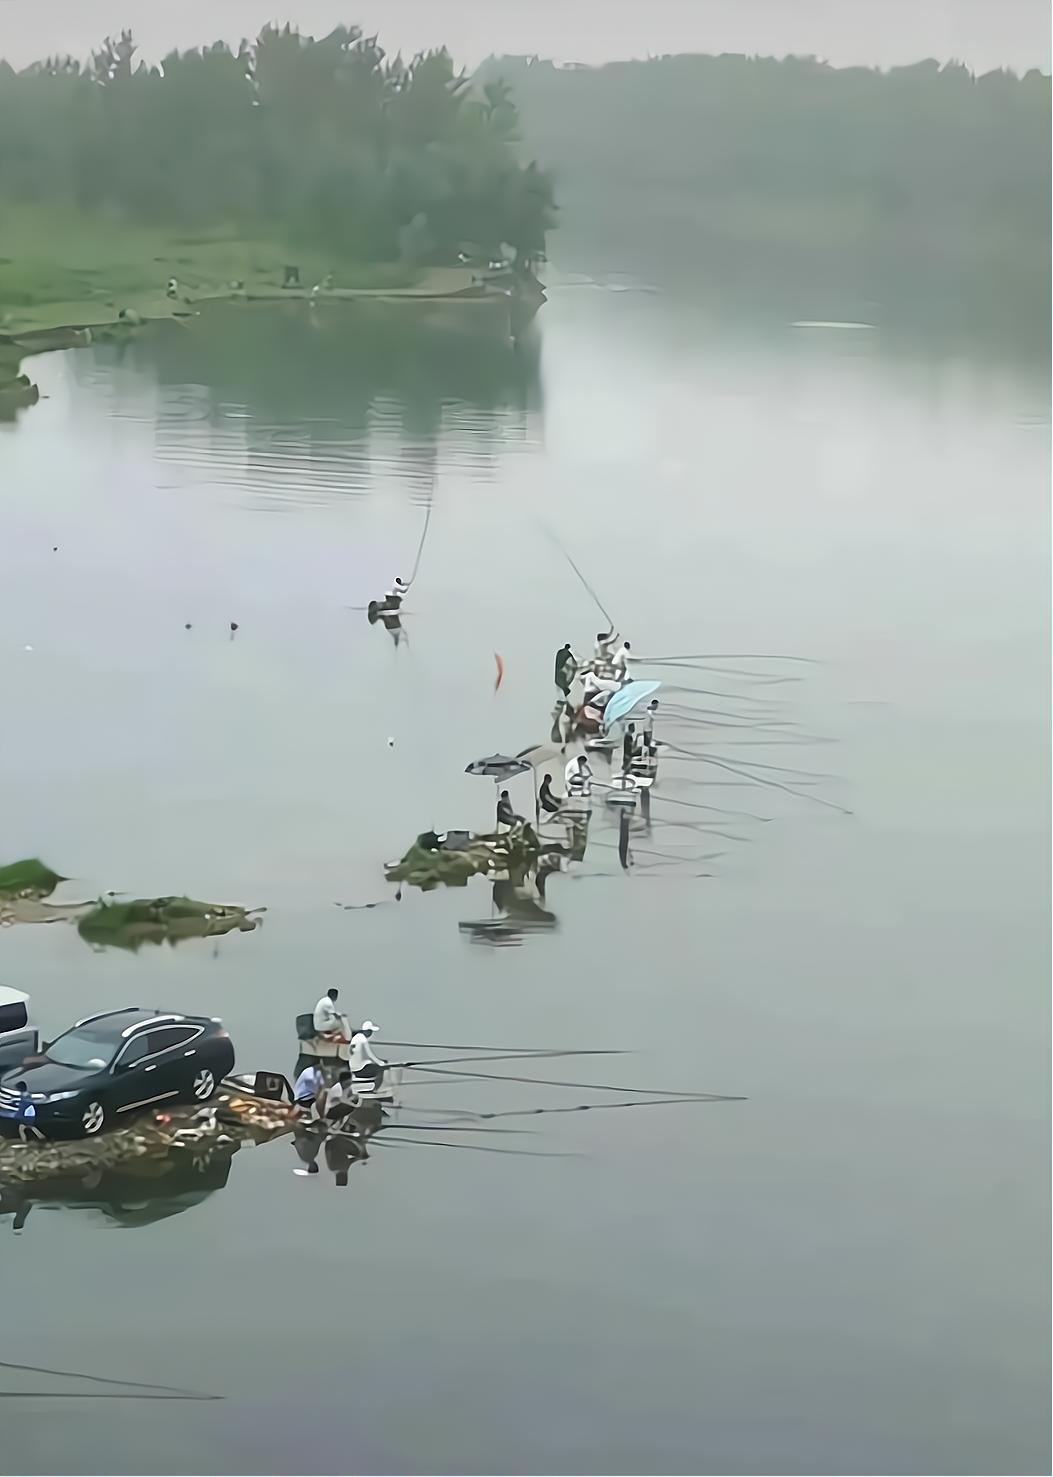 重庆,多名钓友和车一起被困河中孤岛,却淡定垂钓,怎么下去的?